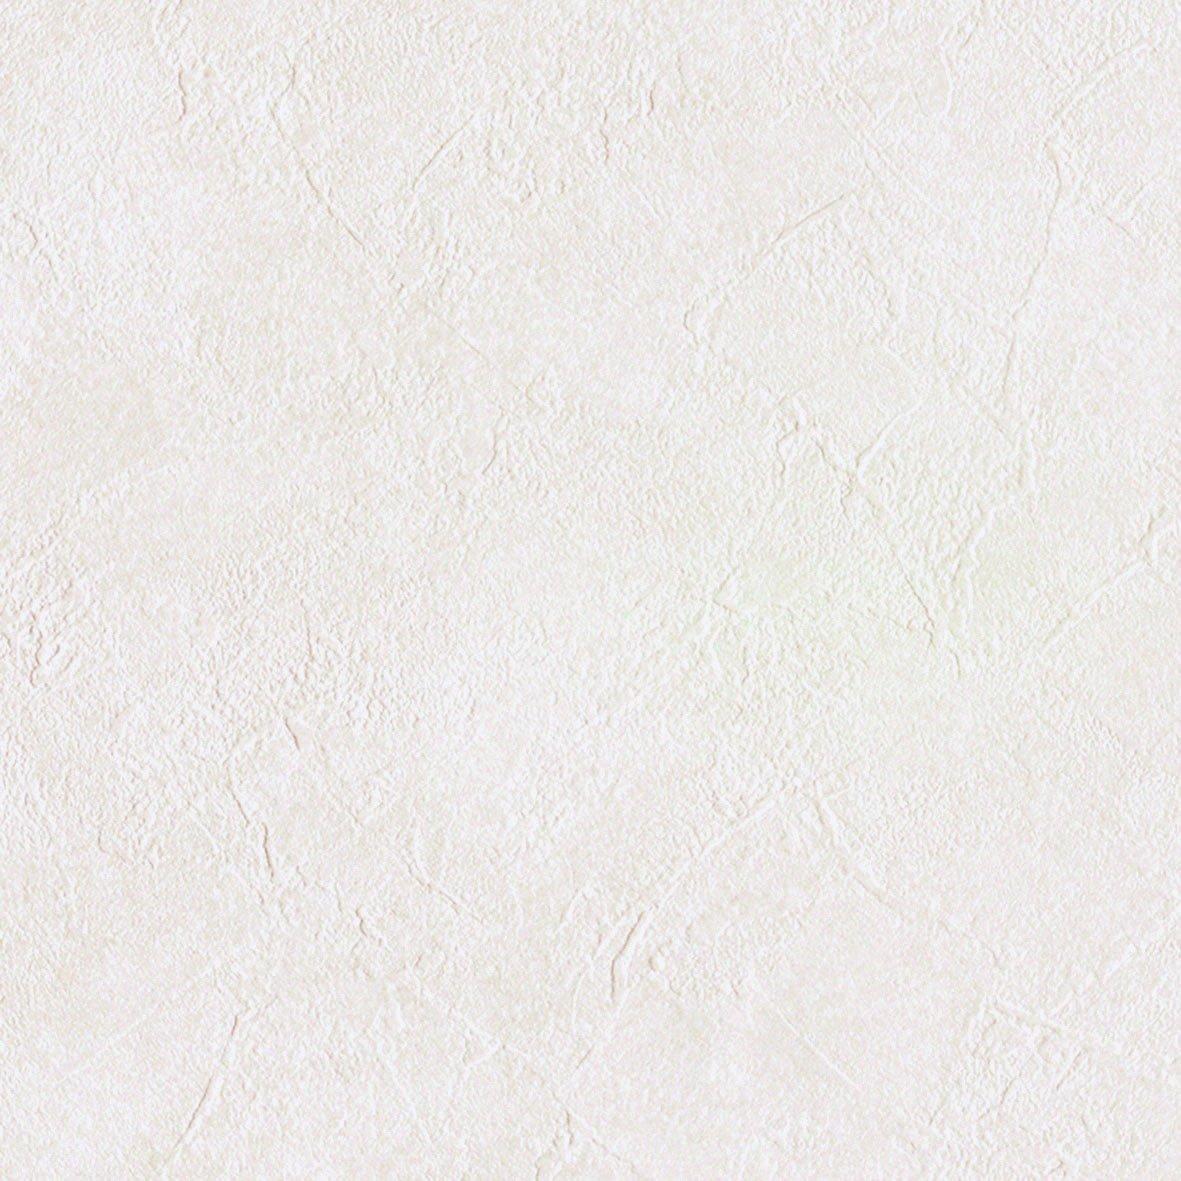 リリカラ 壁紙34m ナチュラル 無地 グレー LL-8700 B01MXDUJKF 34m グレー